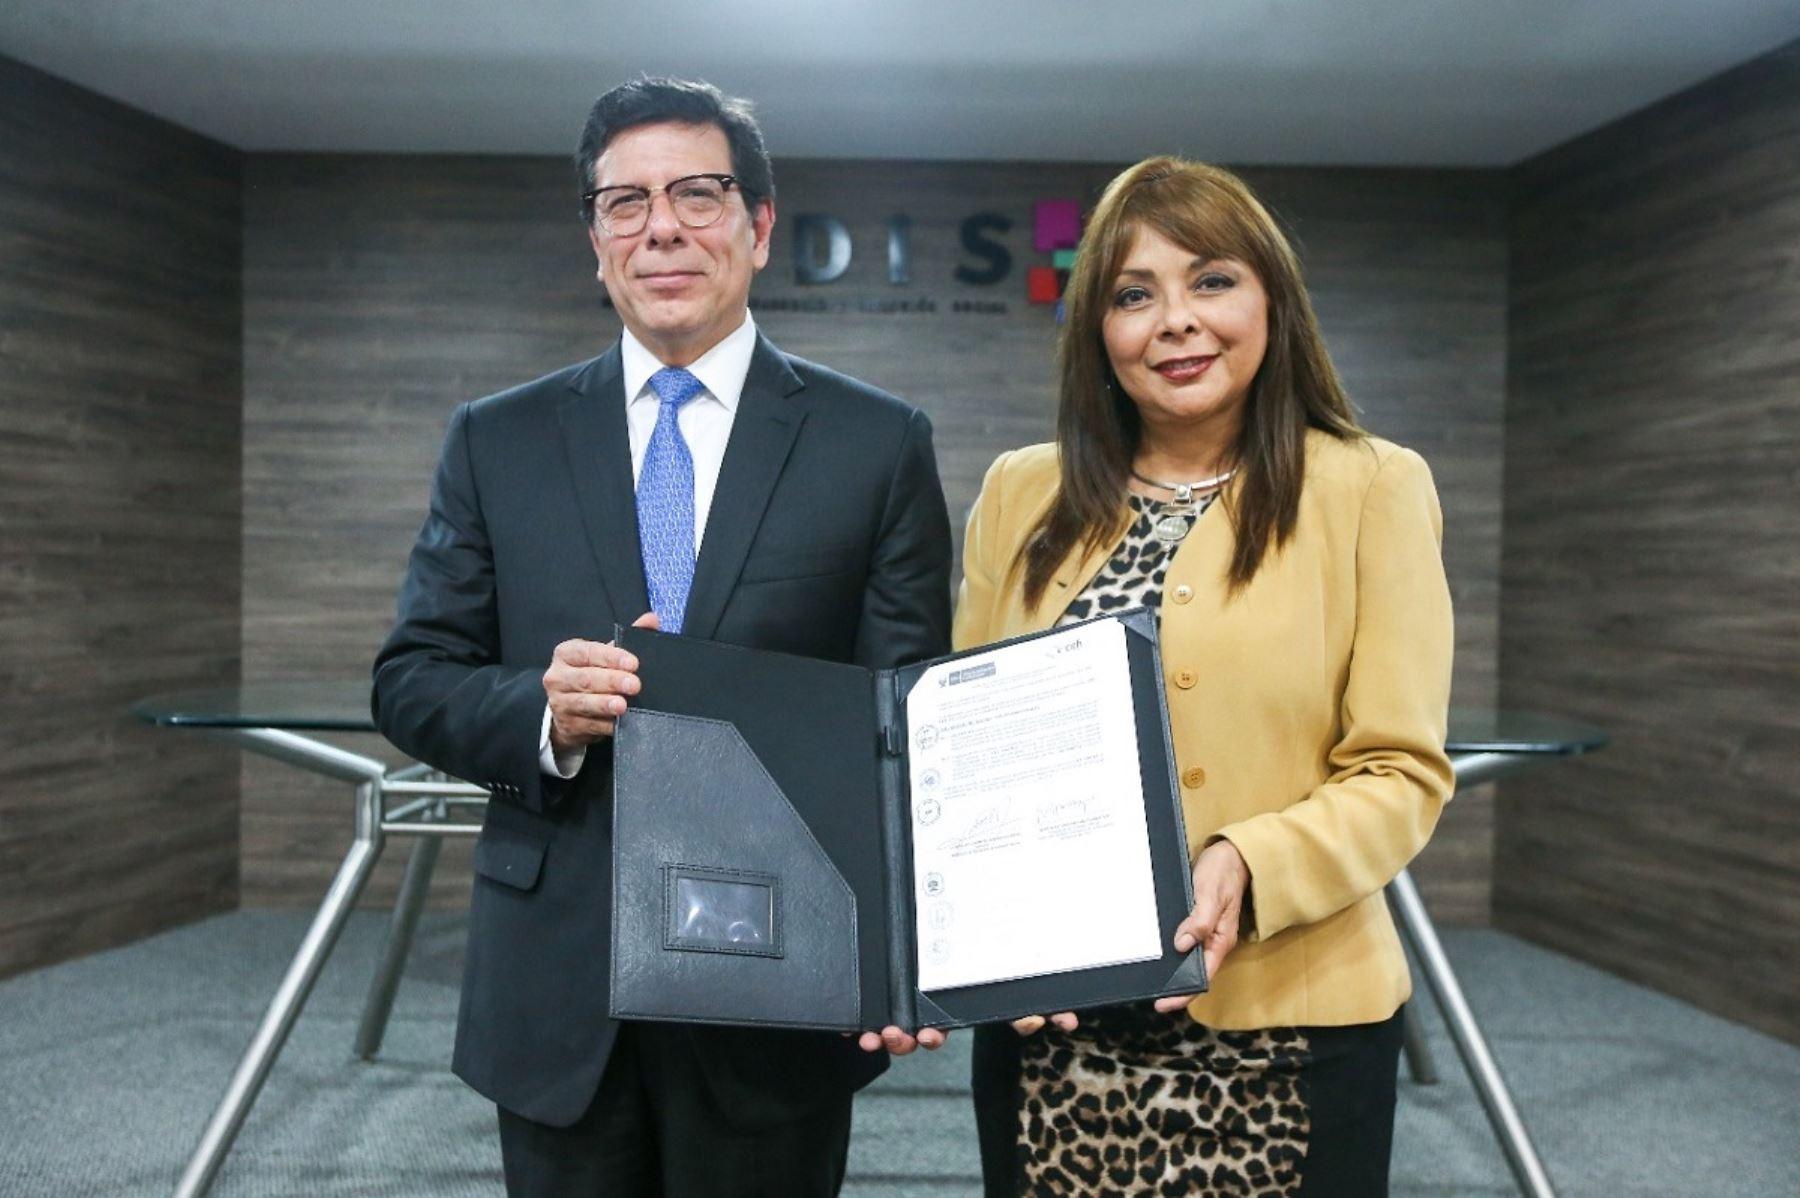 El presidente ejecutivo del Cefi de Asbanc, Martín Naranjo y la ministra de Desarrollo e Inclusión Social, Liliana La Rosa firmaron convenio. Foto: Cortesía.